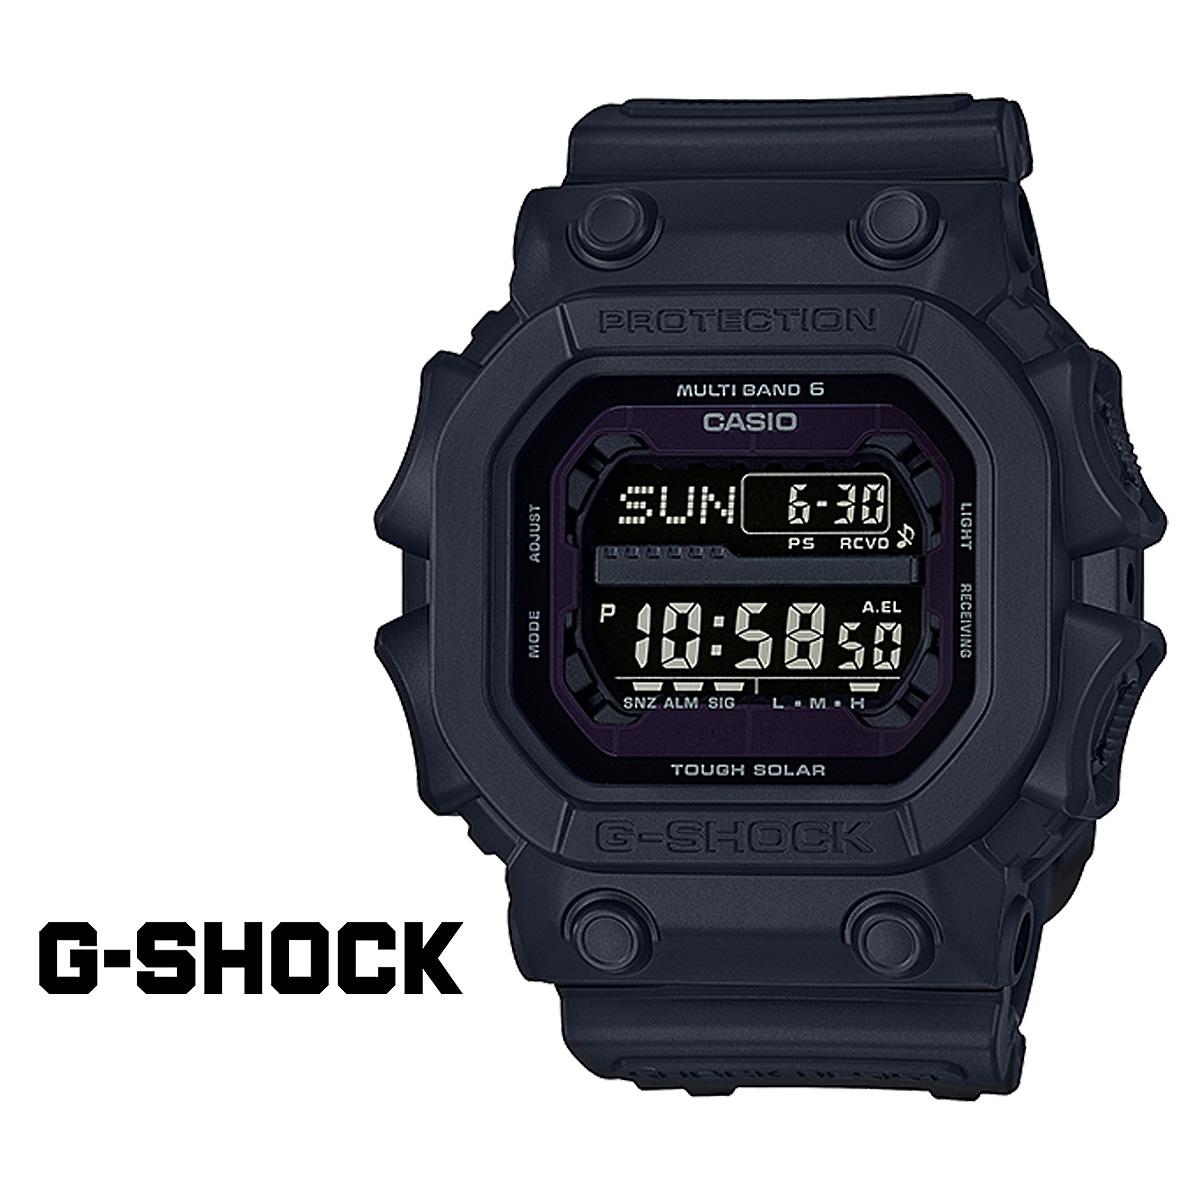 Casio Casio G Shock Watch Gxw 56bb 1jf ジーショック G Shock G Shock Men